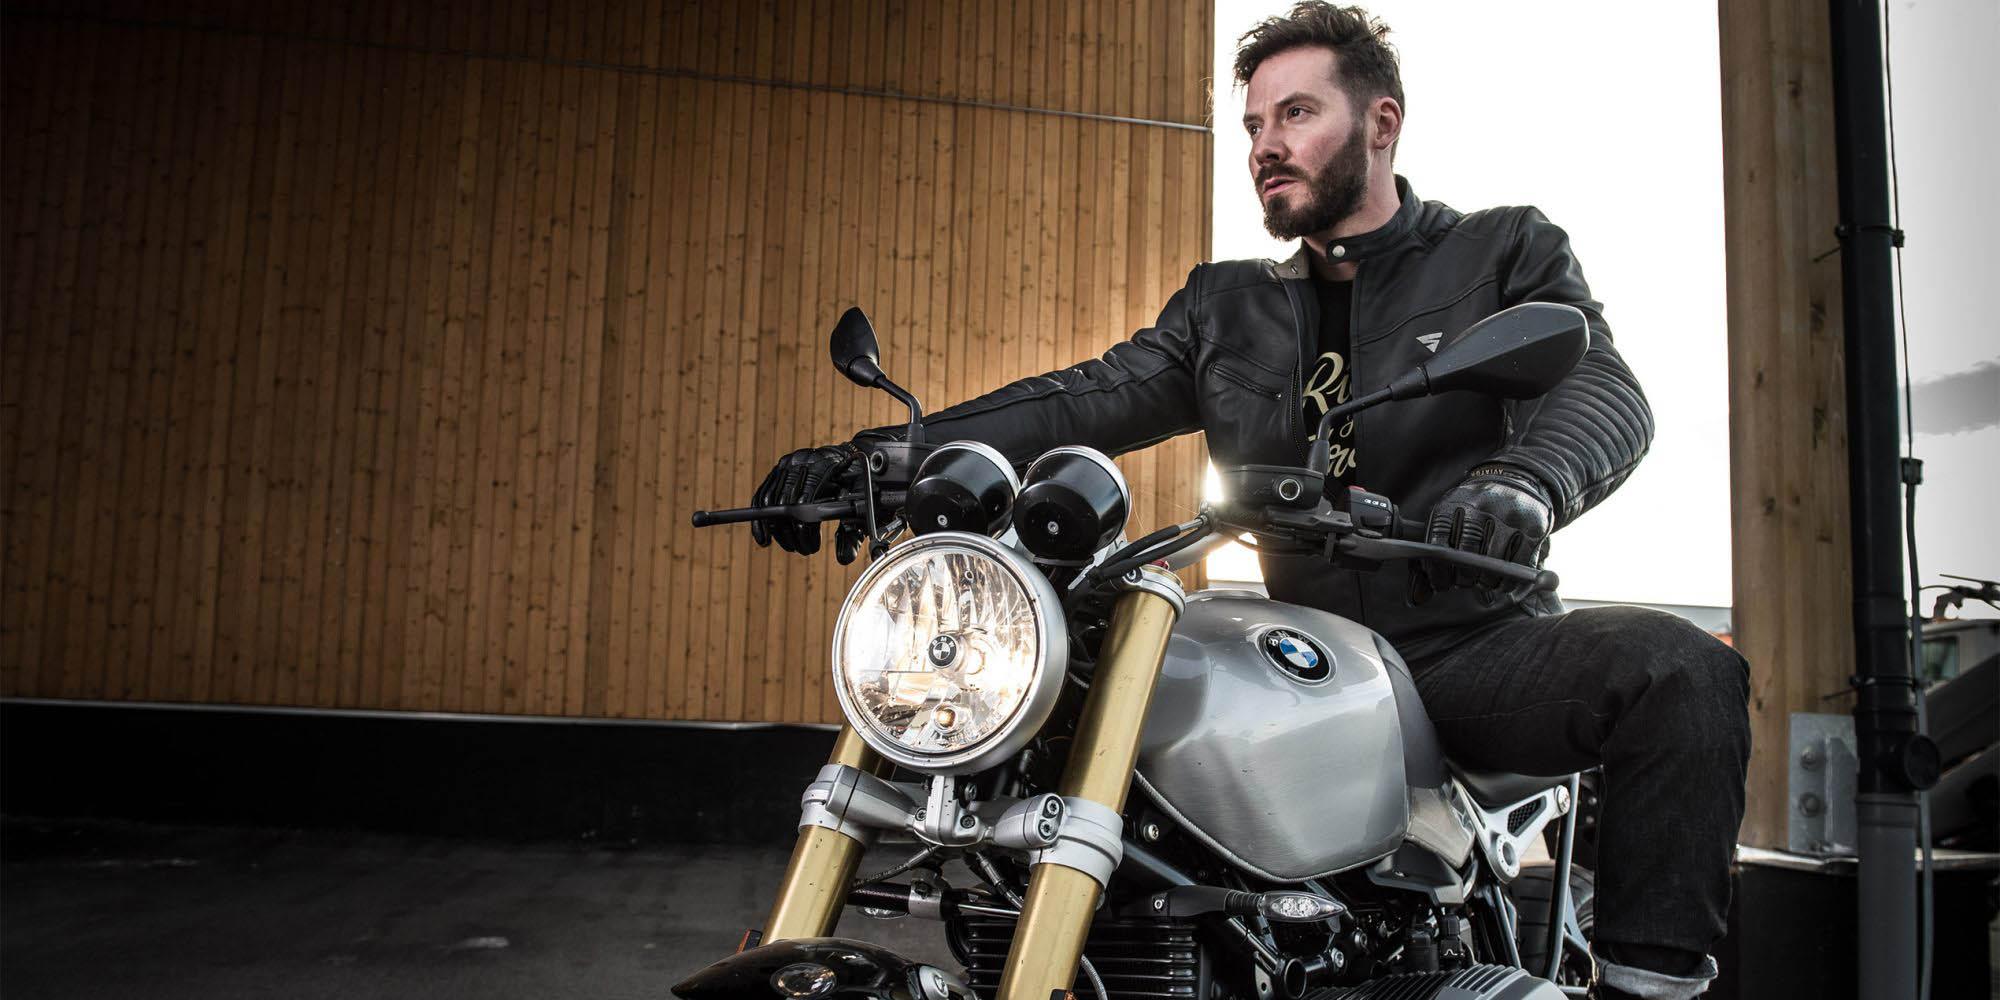 Куртка кожаная SHIMA WINCHESTER классическая для мотоциклистов вид в седле купить по низкой цене